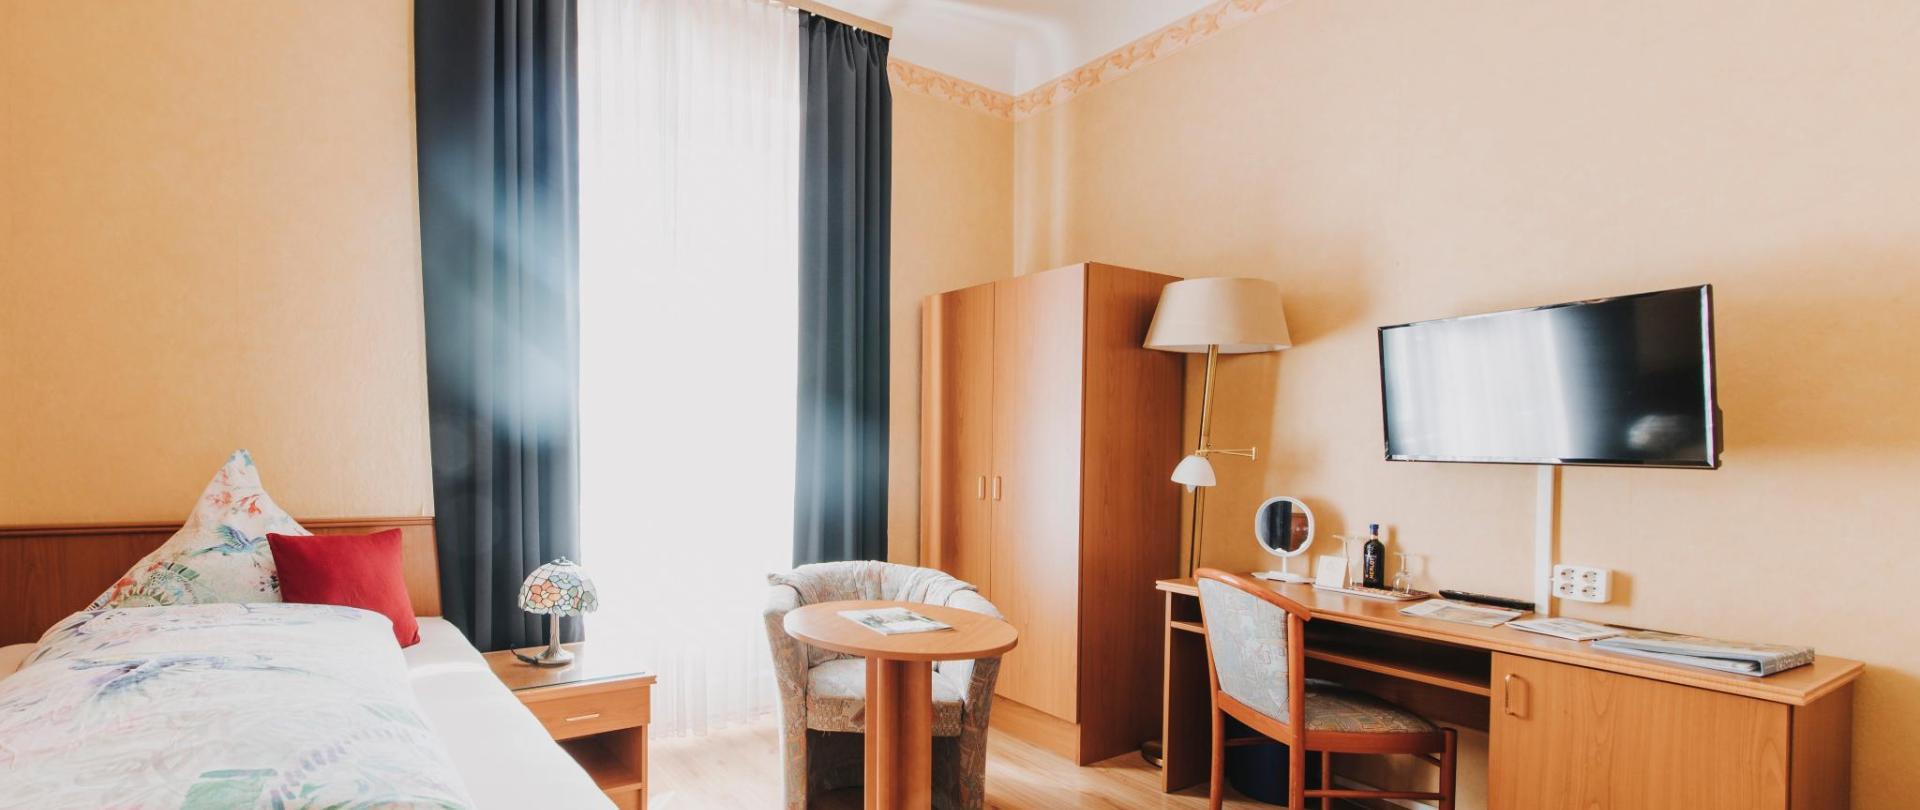 HotelBadNauheim269.jpg